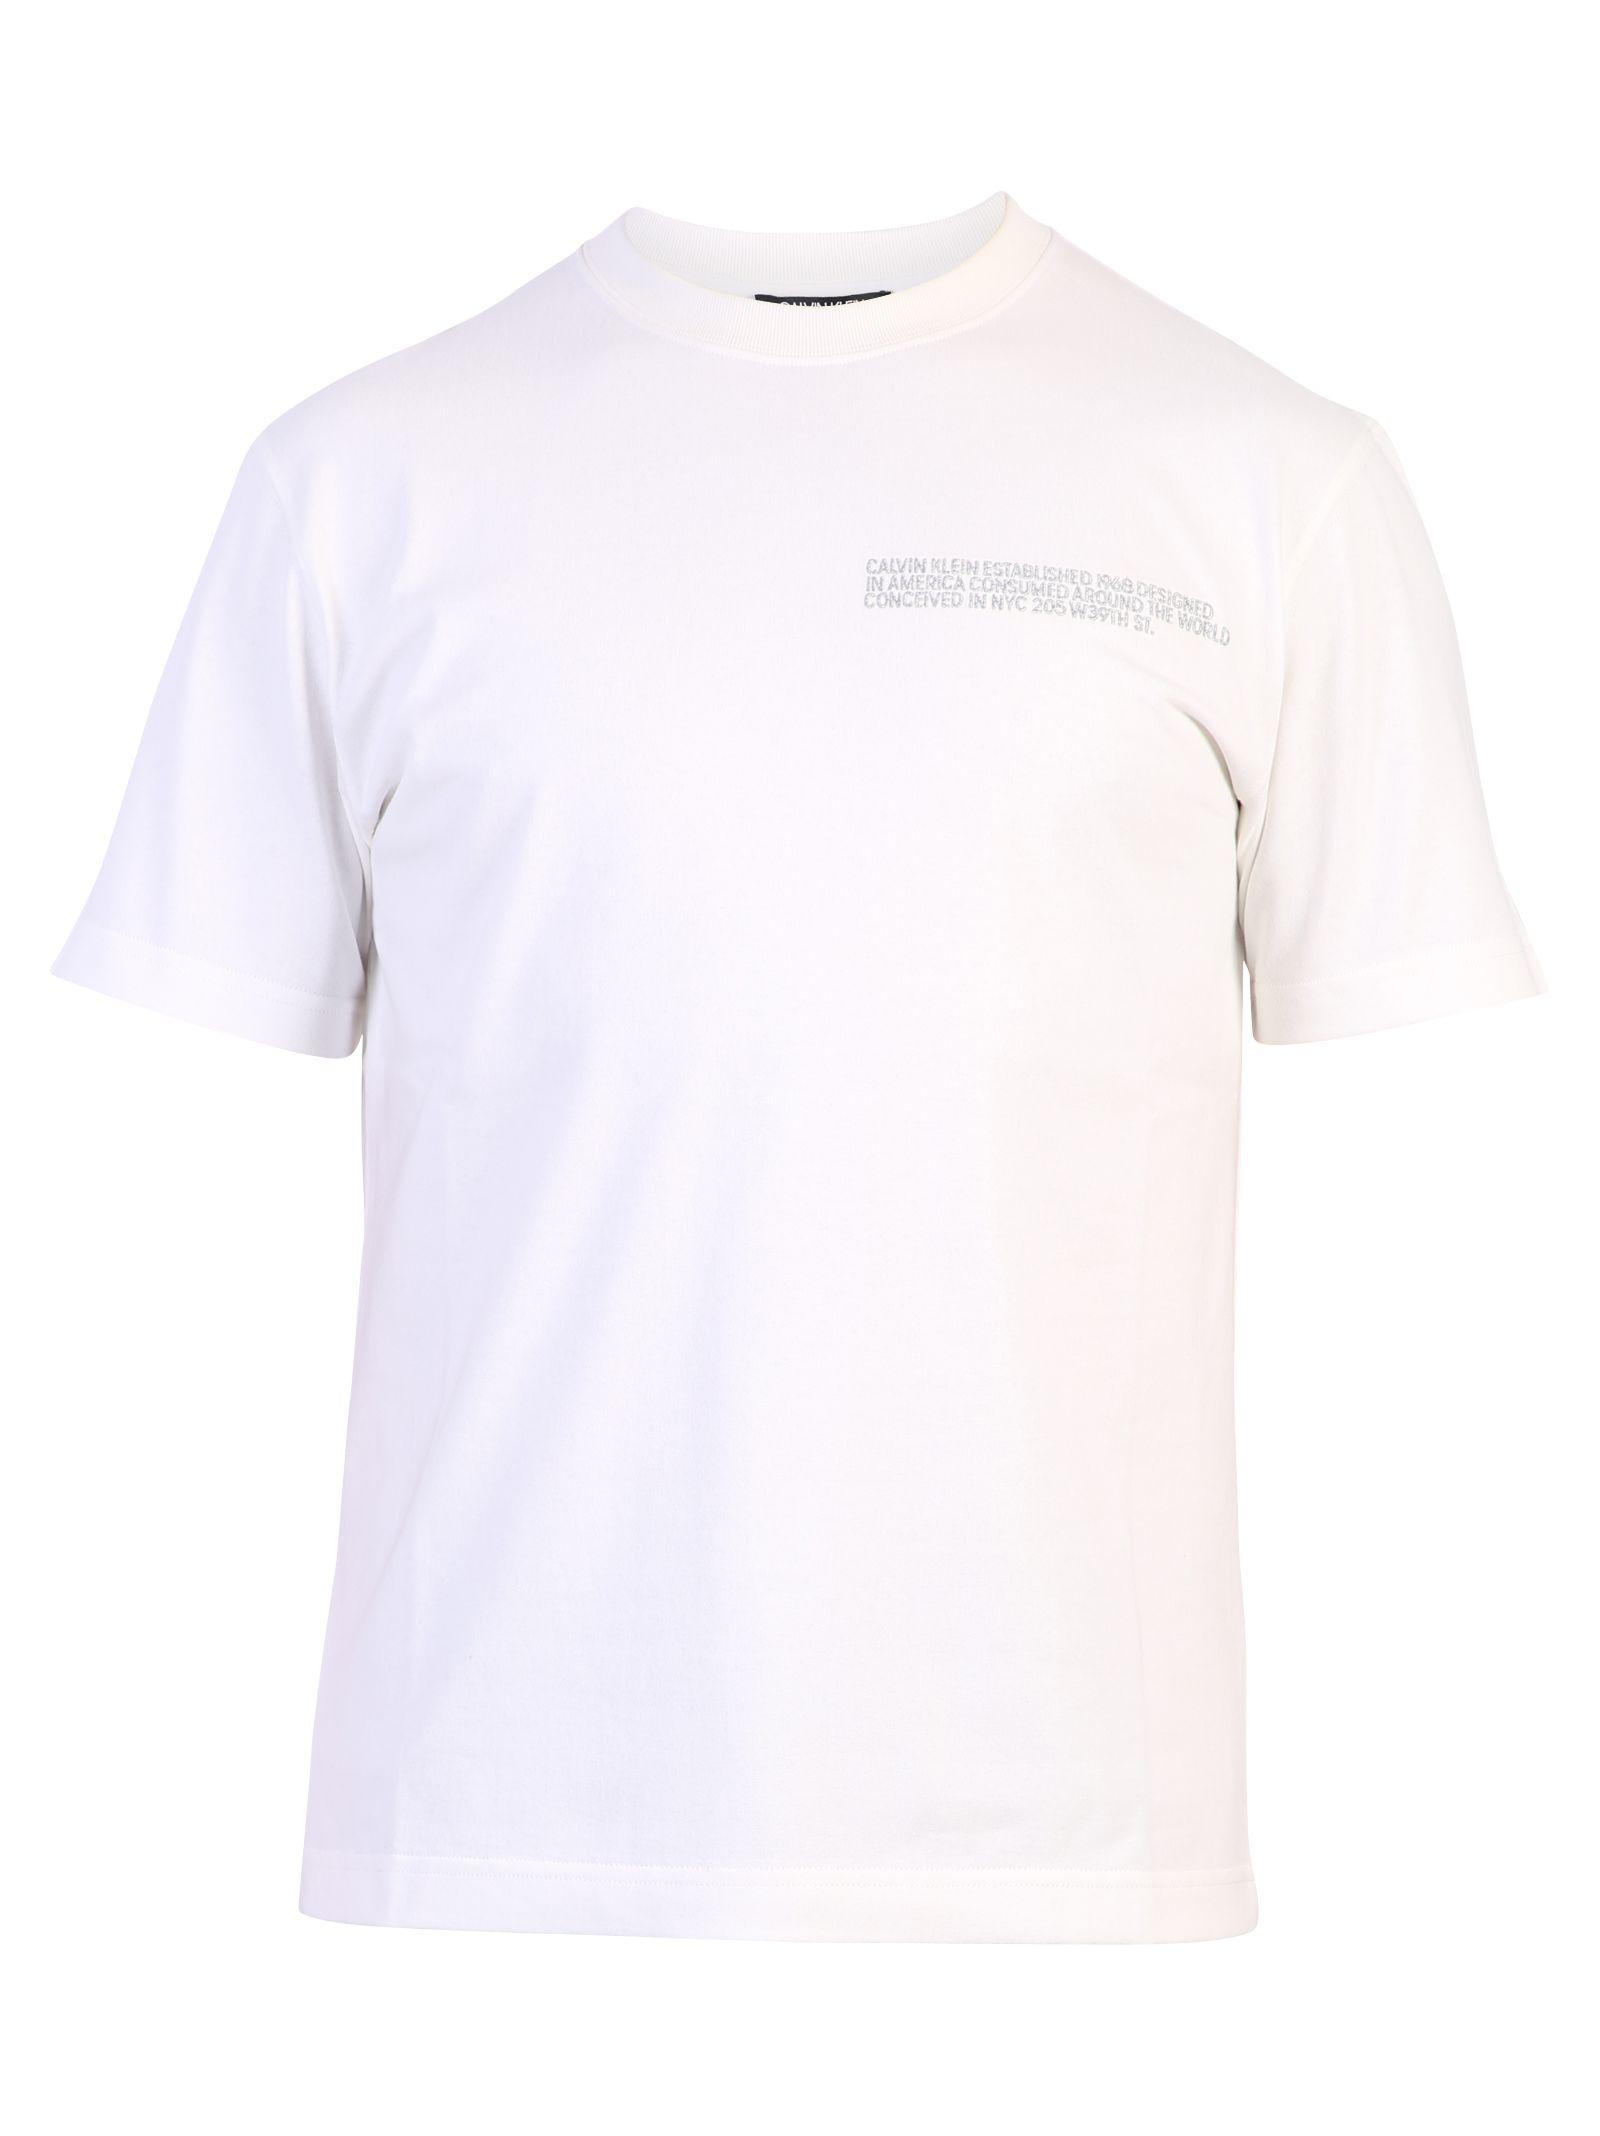 Calvin Klein White Branded T-shirt